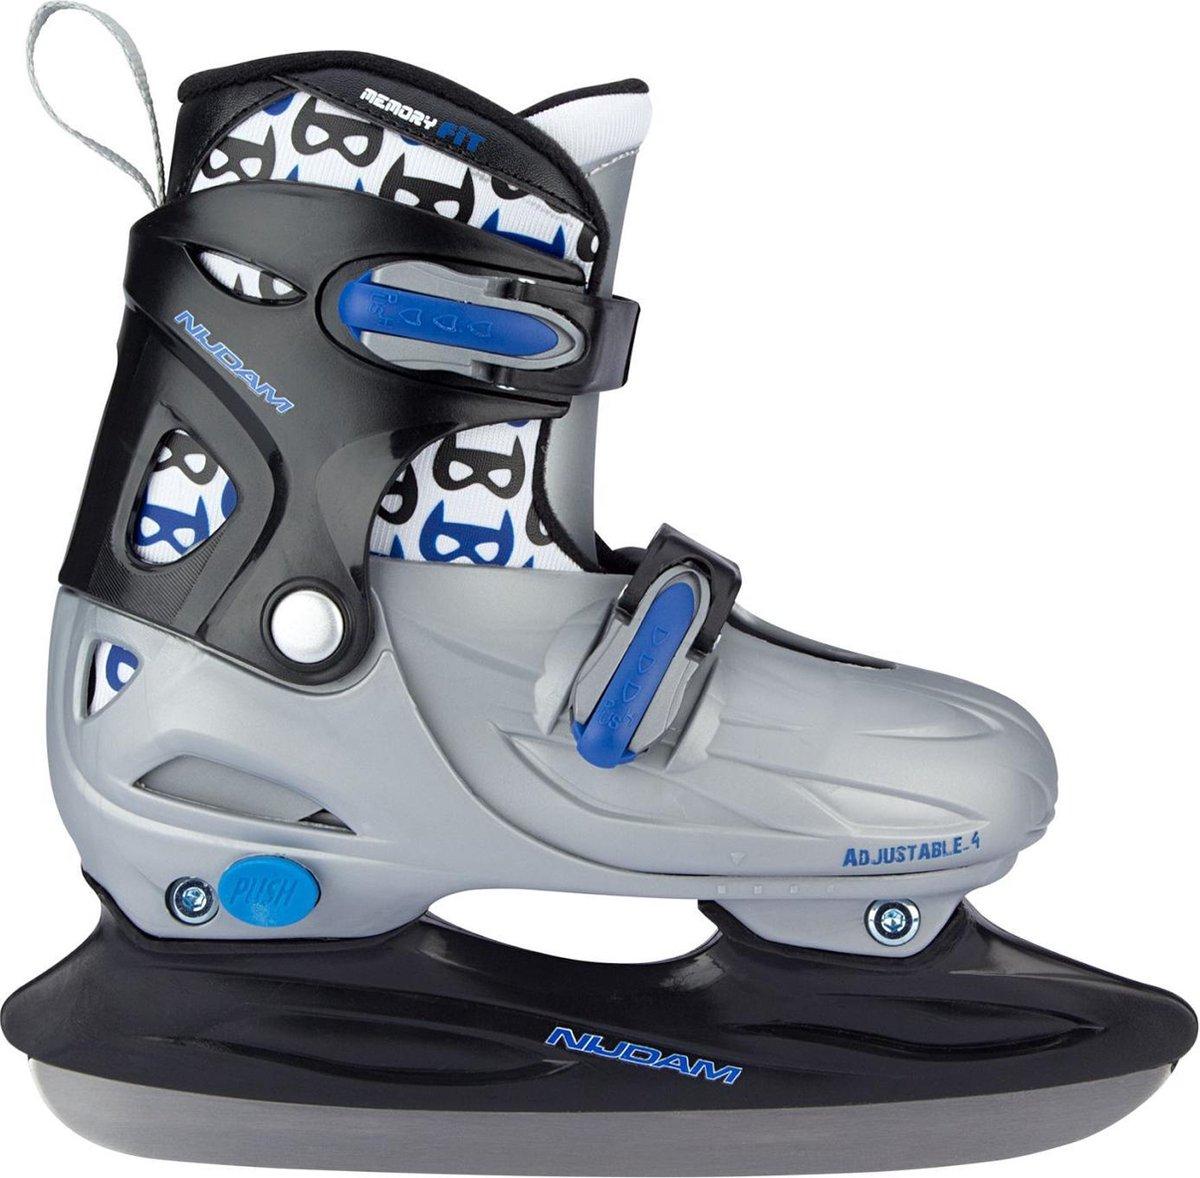 Nijdam IJshockeyschaats Junior Verstelbaar - Hardboot - Zwart/Blauw - Maat 34-37